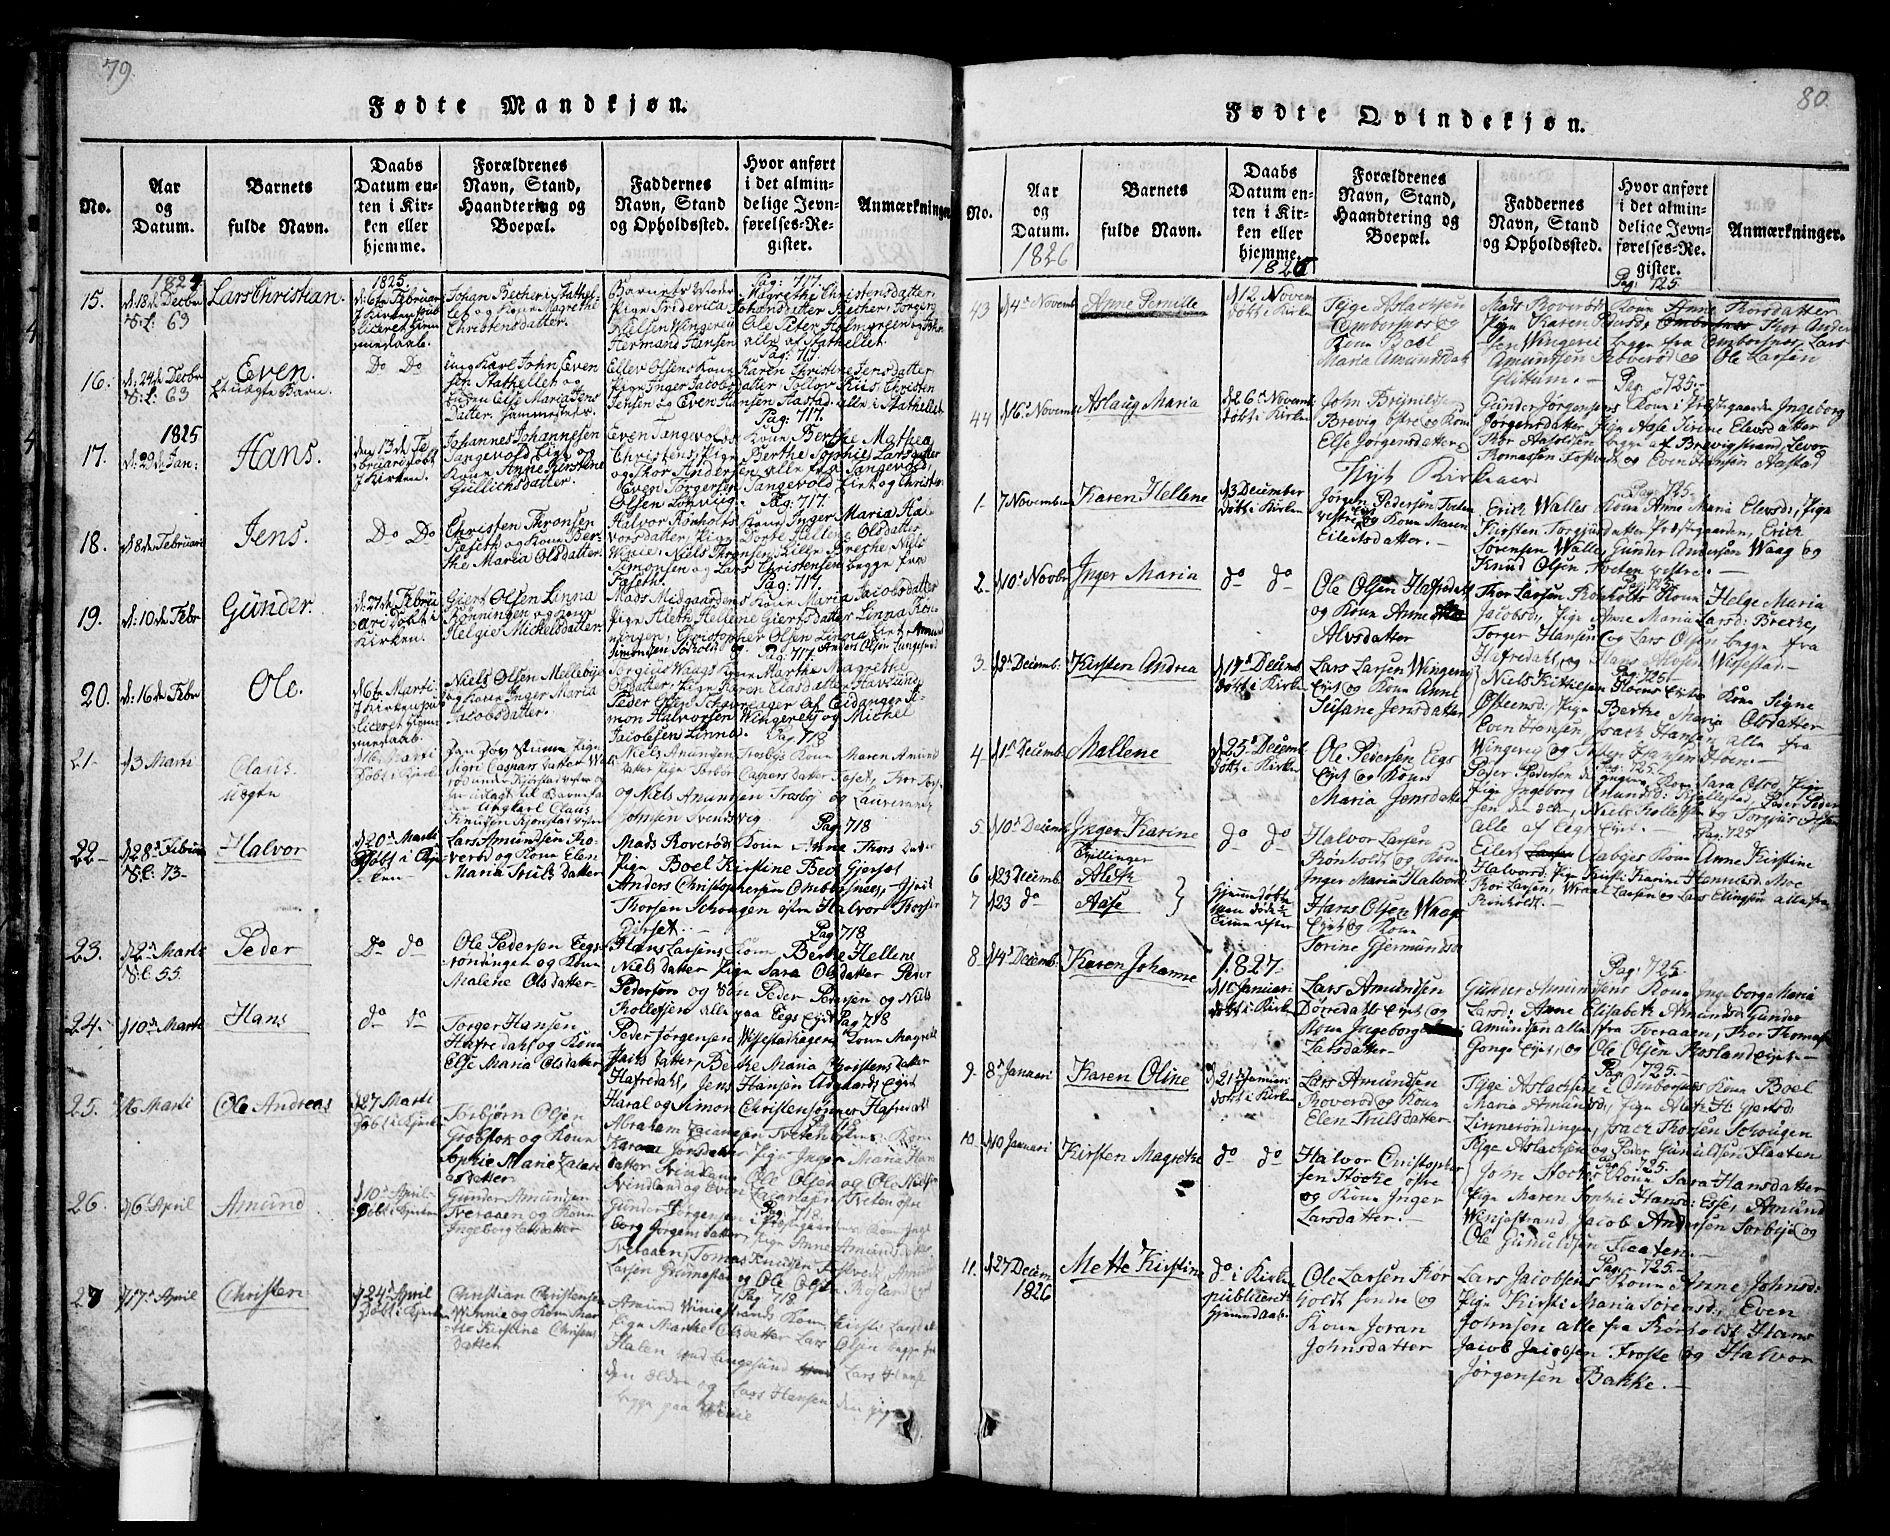 SAKO, Bamble kirkebøker, G/Ga/L0005: Klokkerbok nr. I 5, 1814-1855, s. 79-80